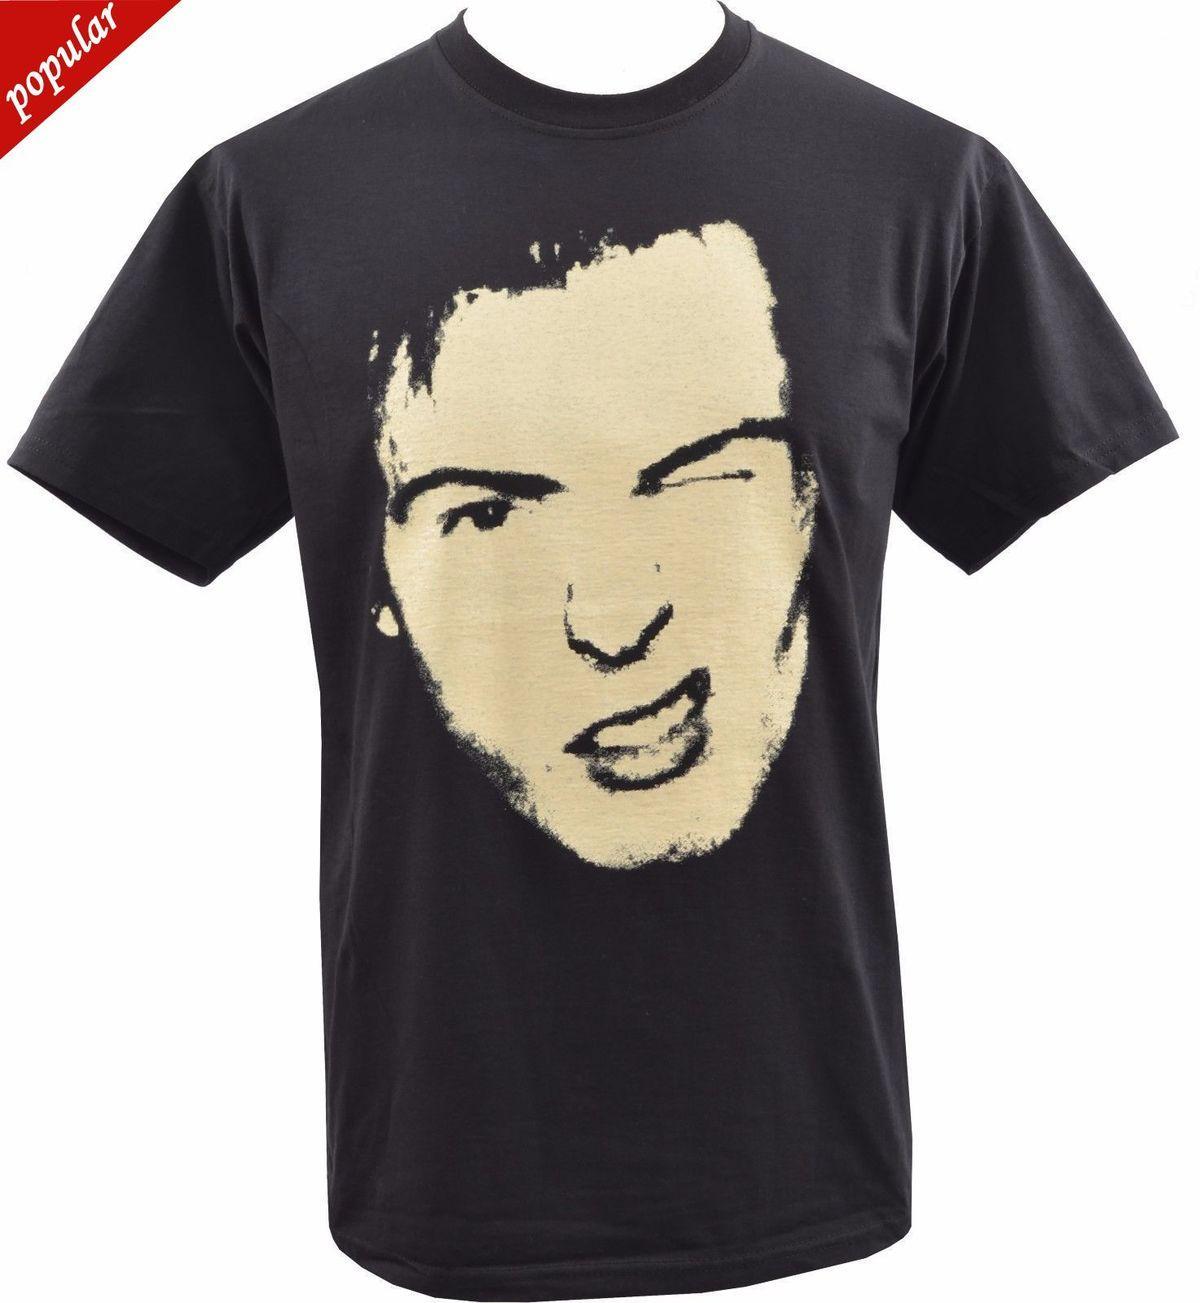 Snarl 1977 Shirt Mens S Rock Vicious 5xl T Punk Sid English 24 Black rdtChsQ